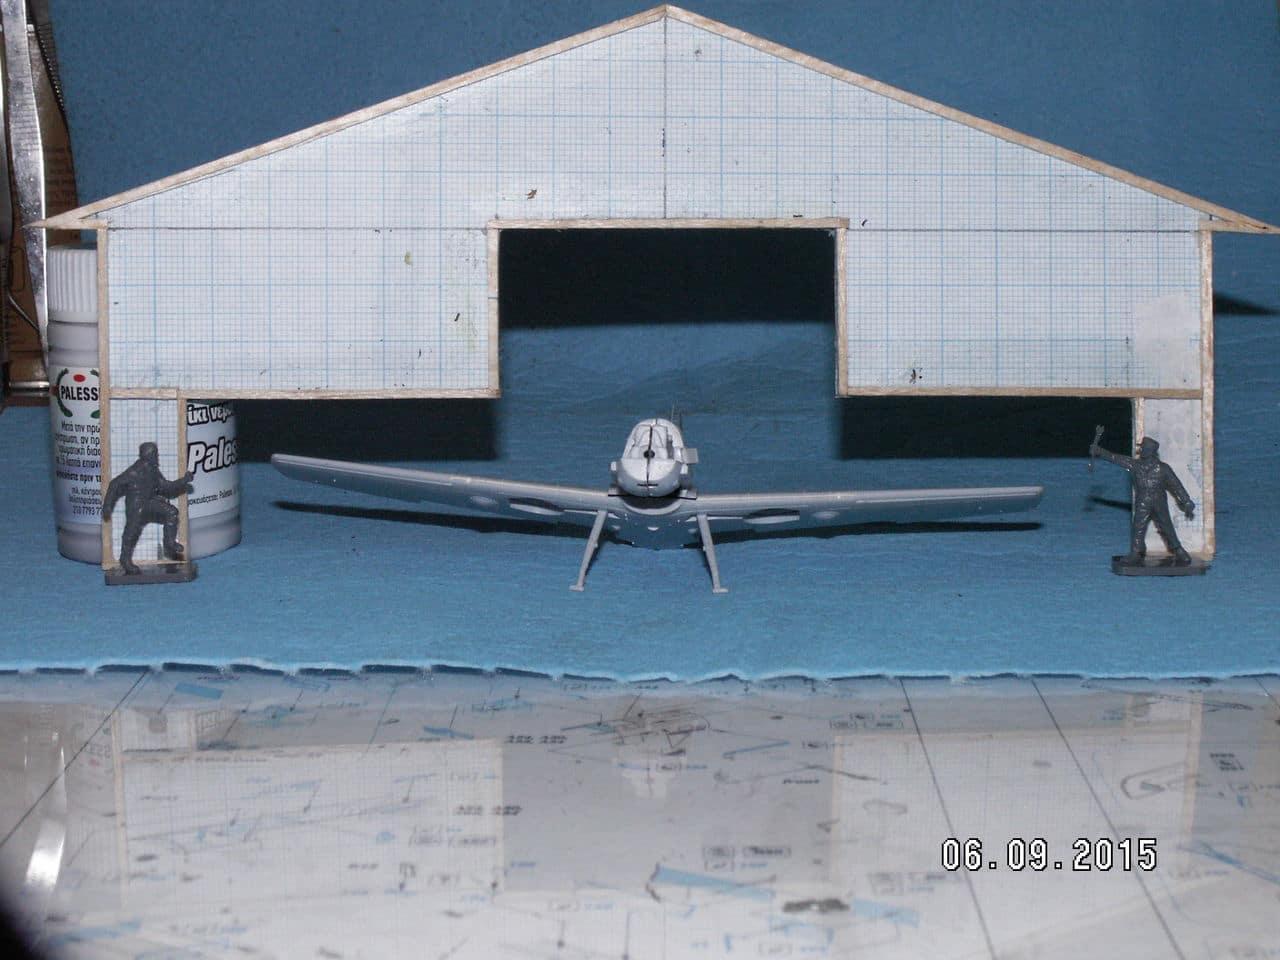 Messerschmitt Bf 109 E-3 / E-4 arfix PICT0085